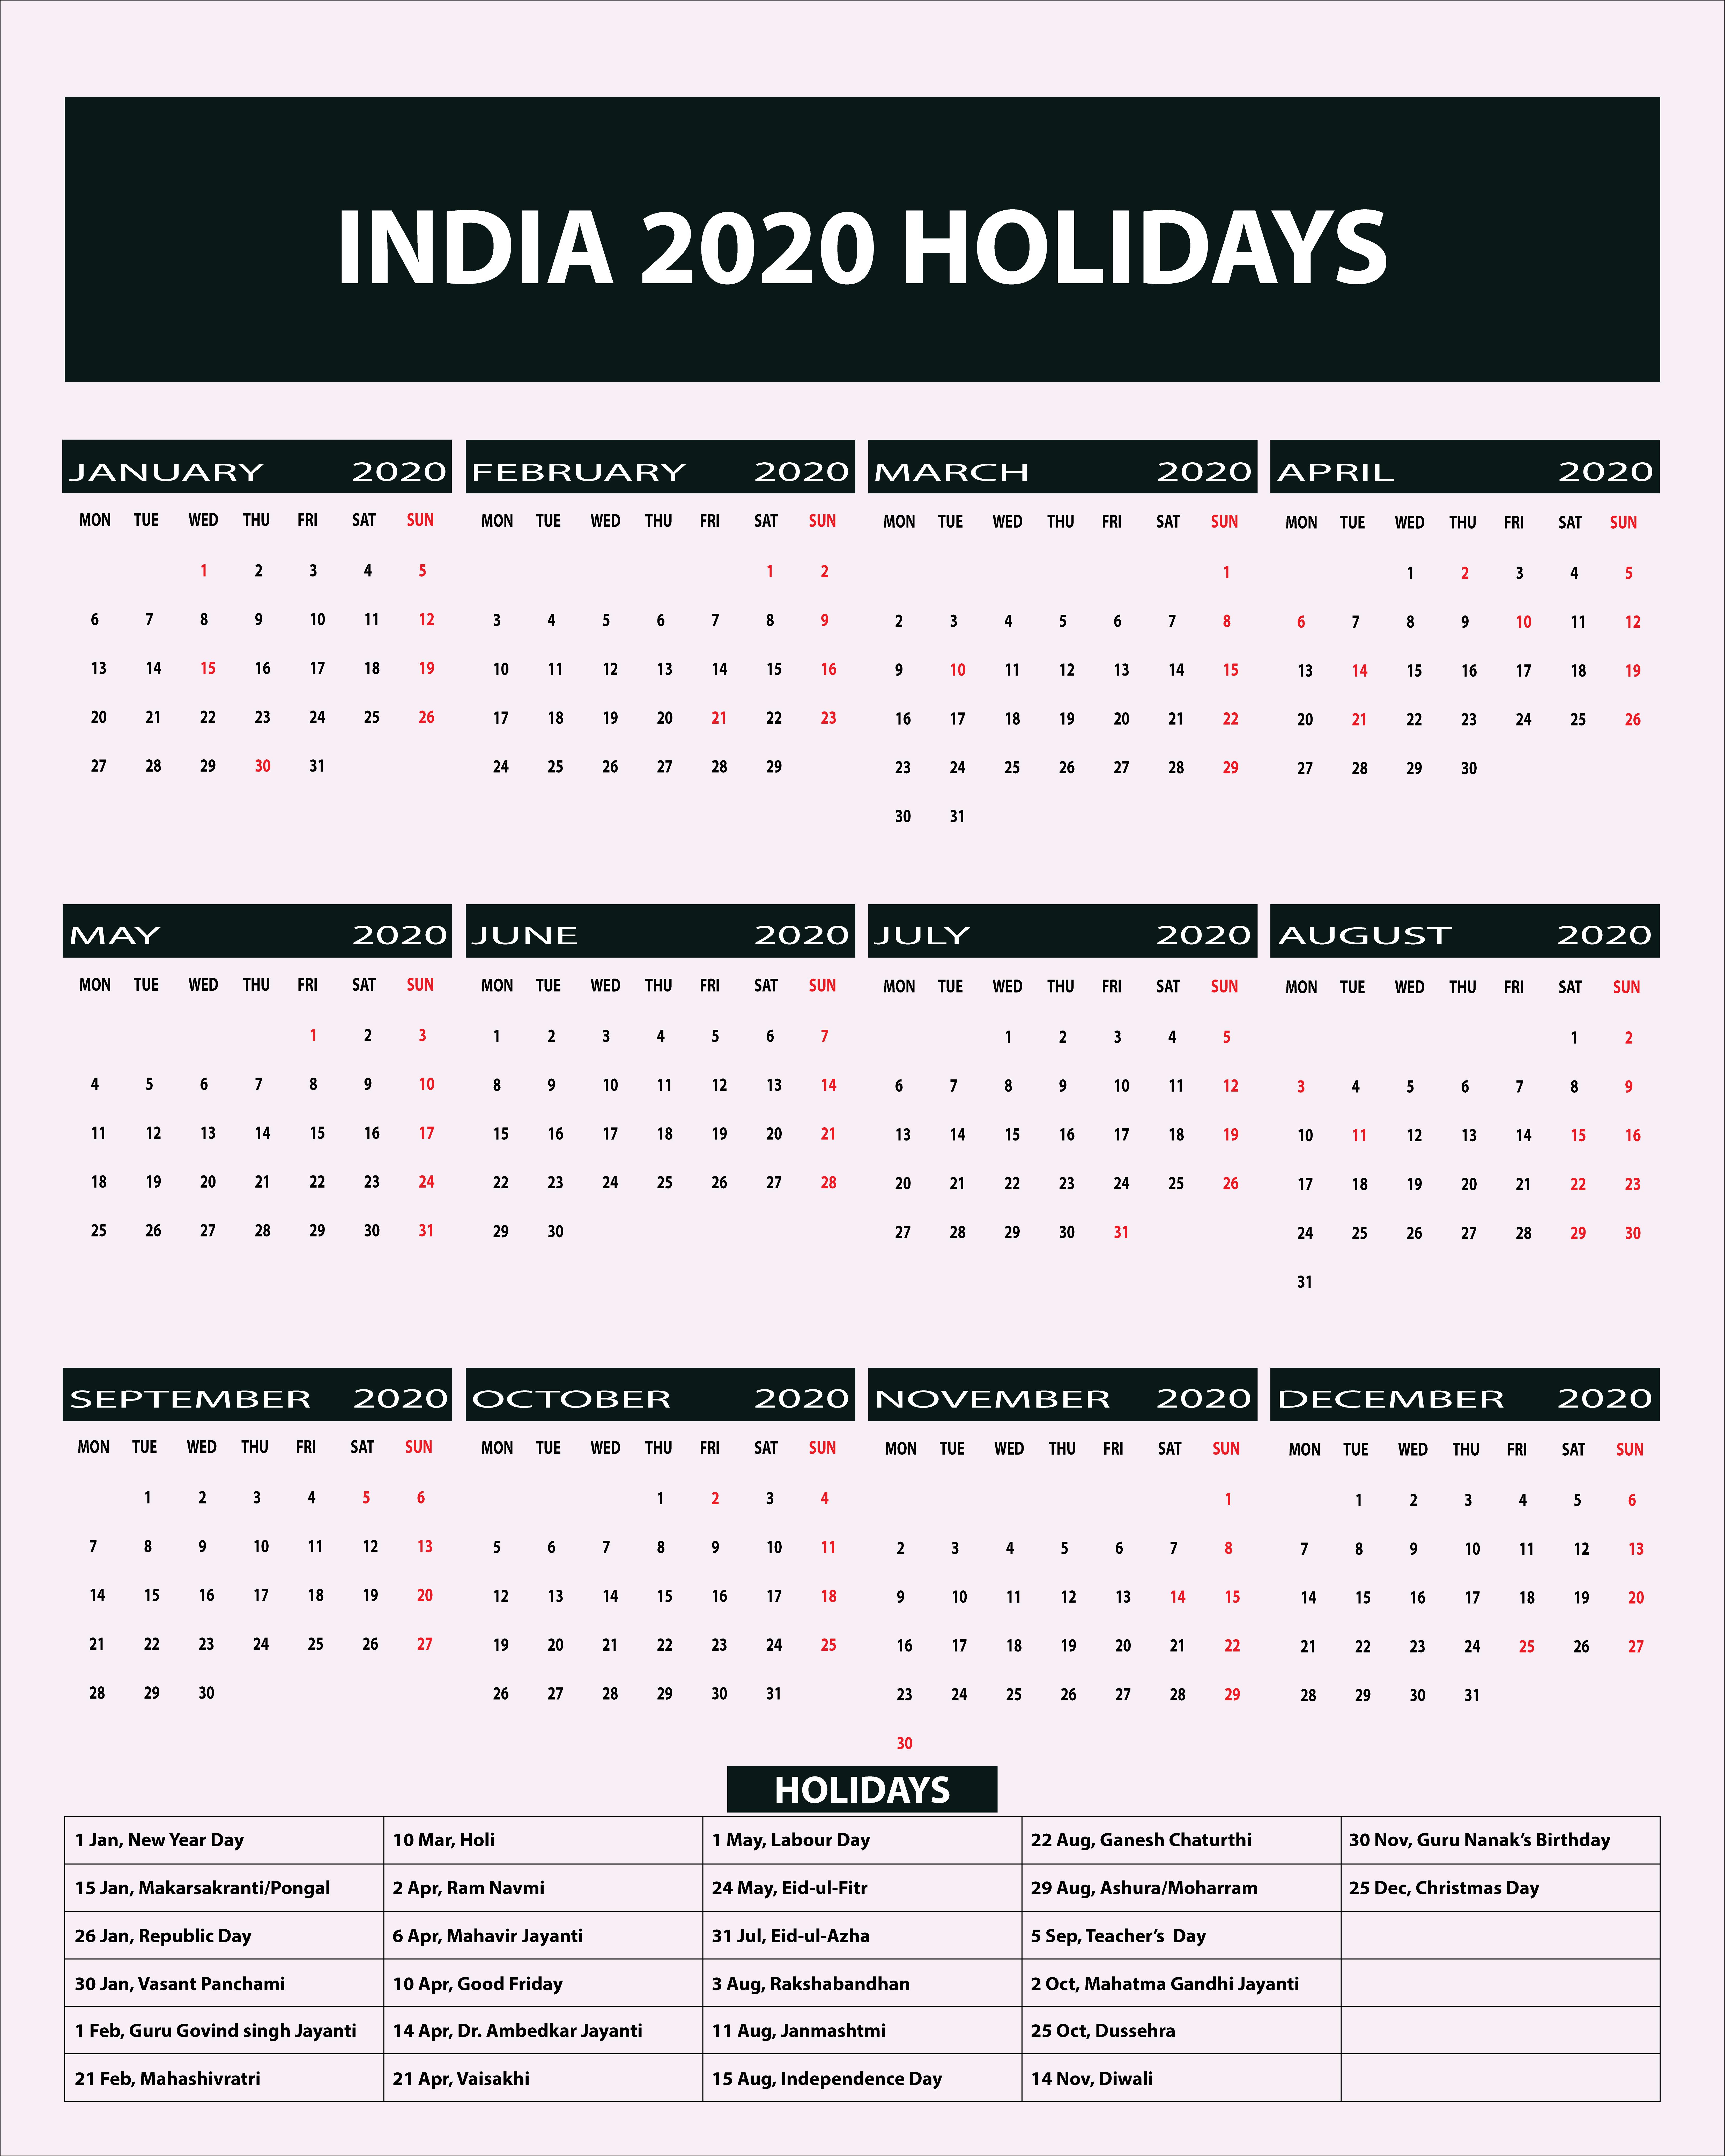 Indian Public Holidays 2020 Calendar | Indian Holidays 2020